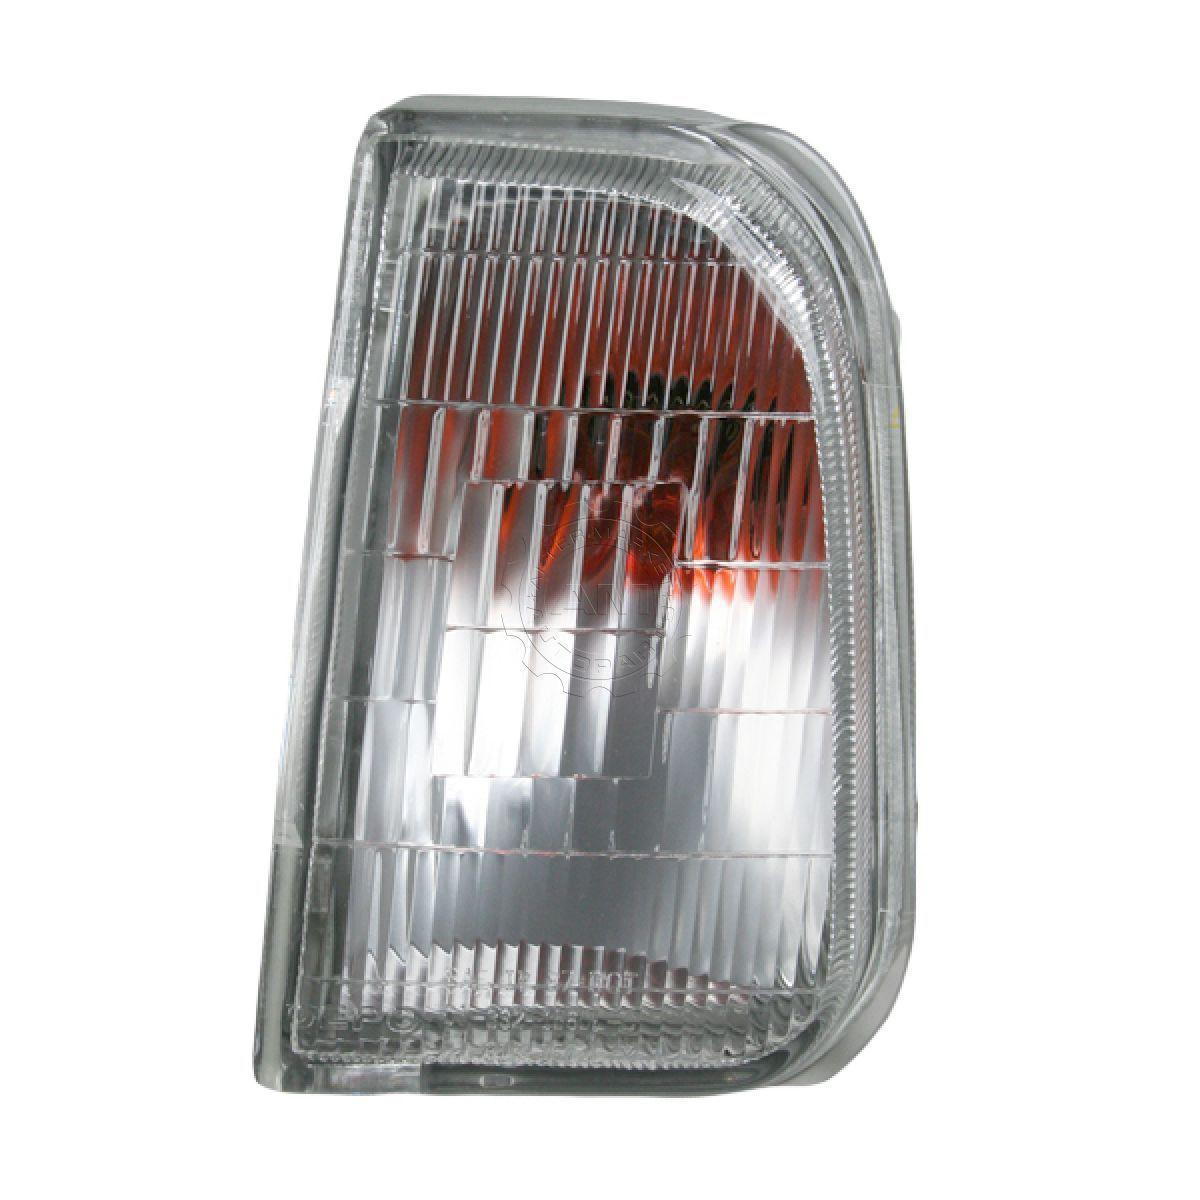 コーナーライト Side Marker Corner Parking Light Lamp Driver Left LH for SunRunner Tracker サイドマーカーコーナーパーキングライトランプドライバLH for SunRunner Tracker